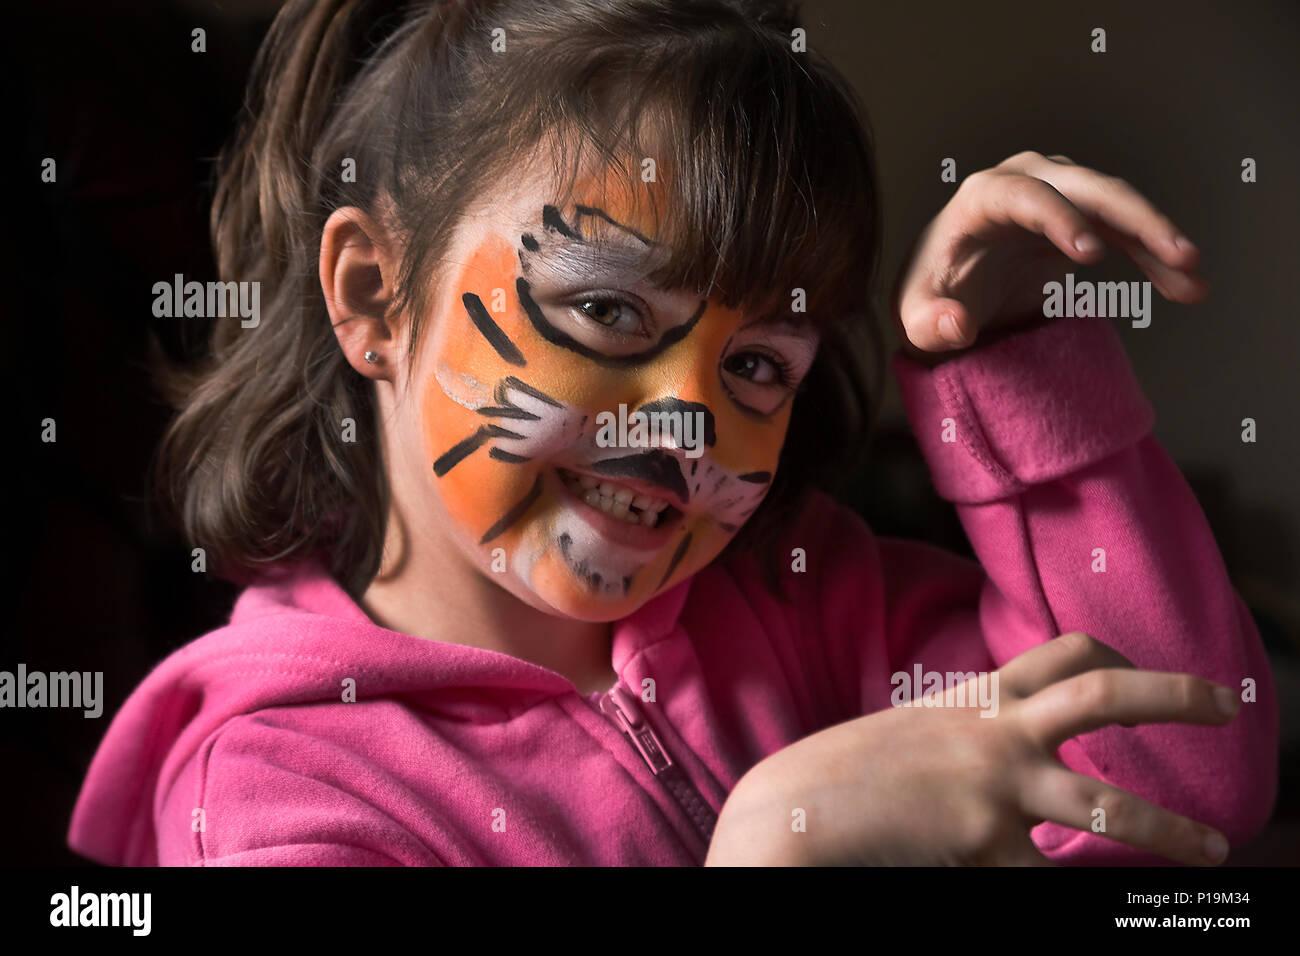 new style a8210 1c04f Bambina con la tigre face painting imitando tiger ringhio ...